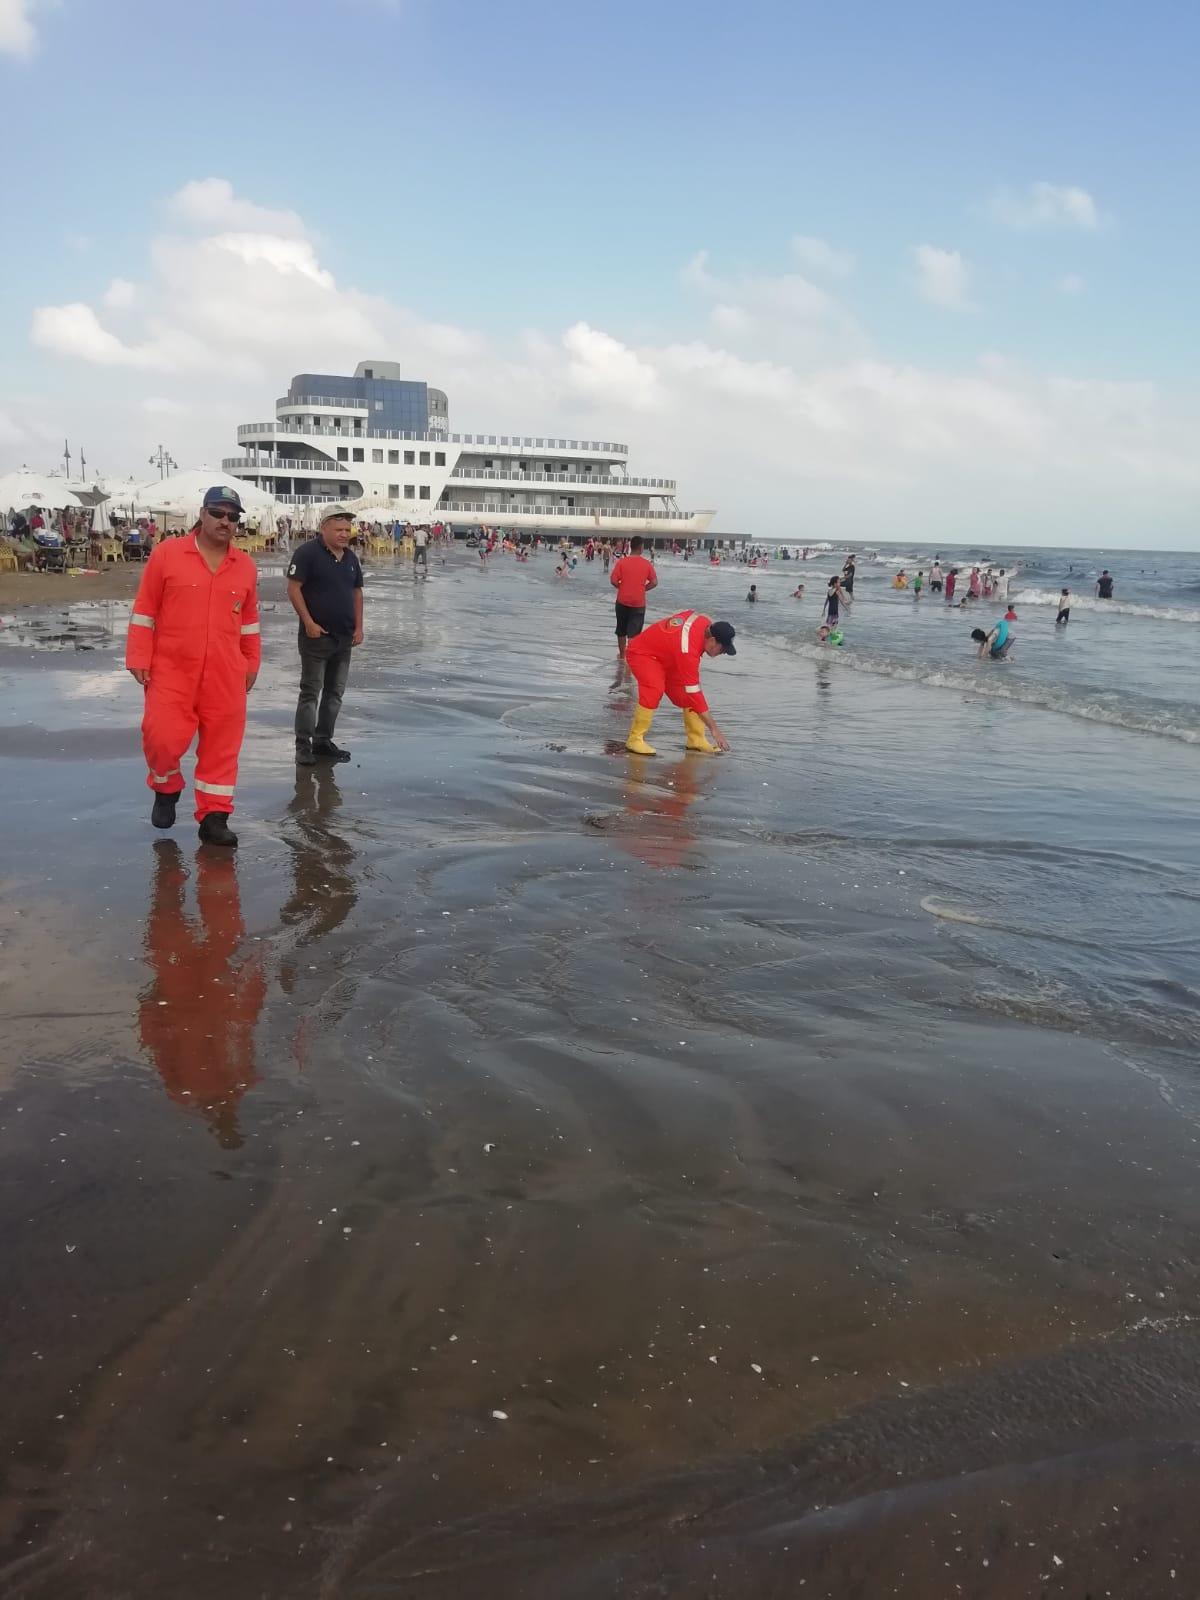 وزيرة البيئة: مسحنا الشواطئ المتضررة من التلوث الزيتى ببورسعيد وتأكدنا من خلو المنطقة من التلوث